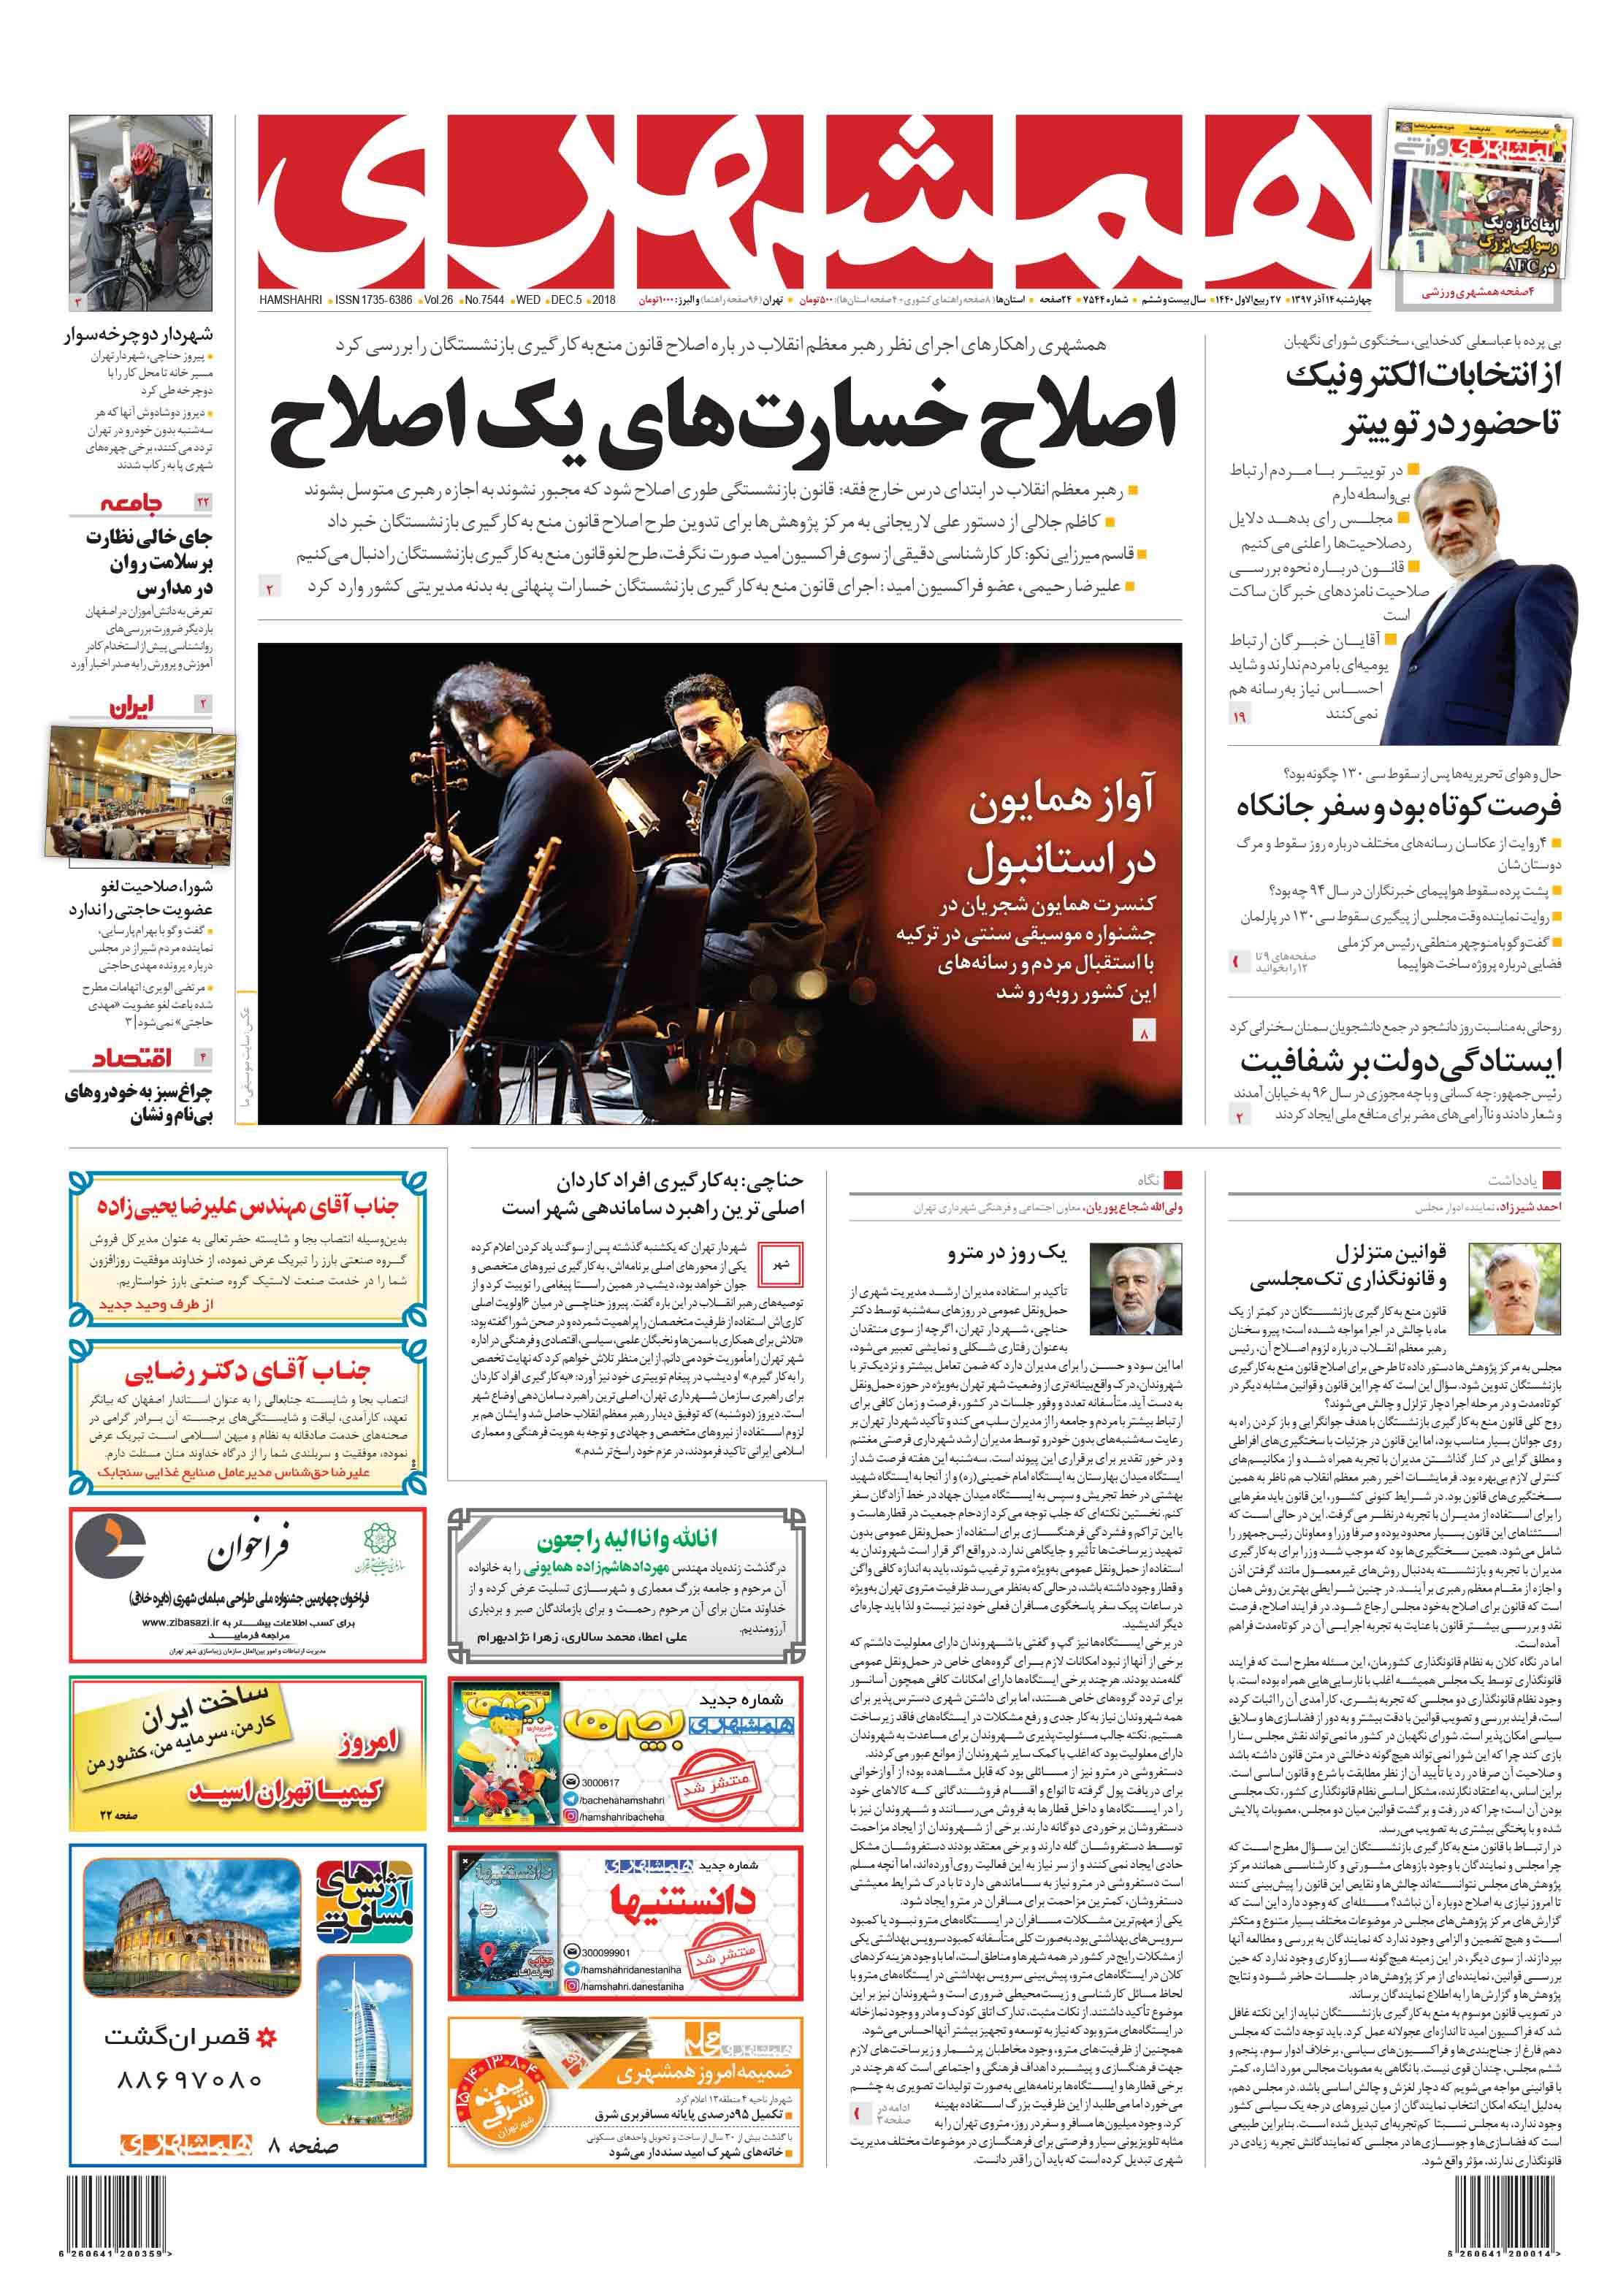 صفحه اول چهارشنبه 14 آذر 1397